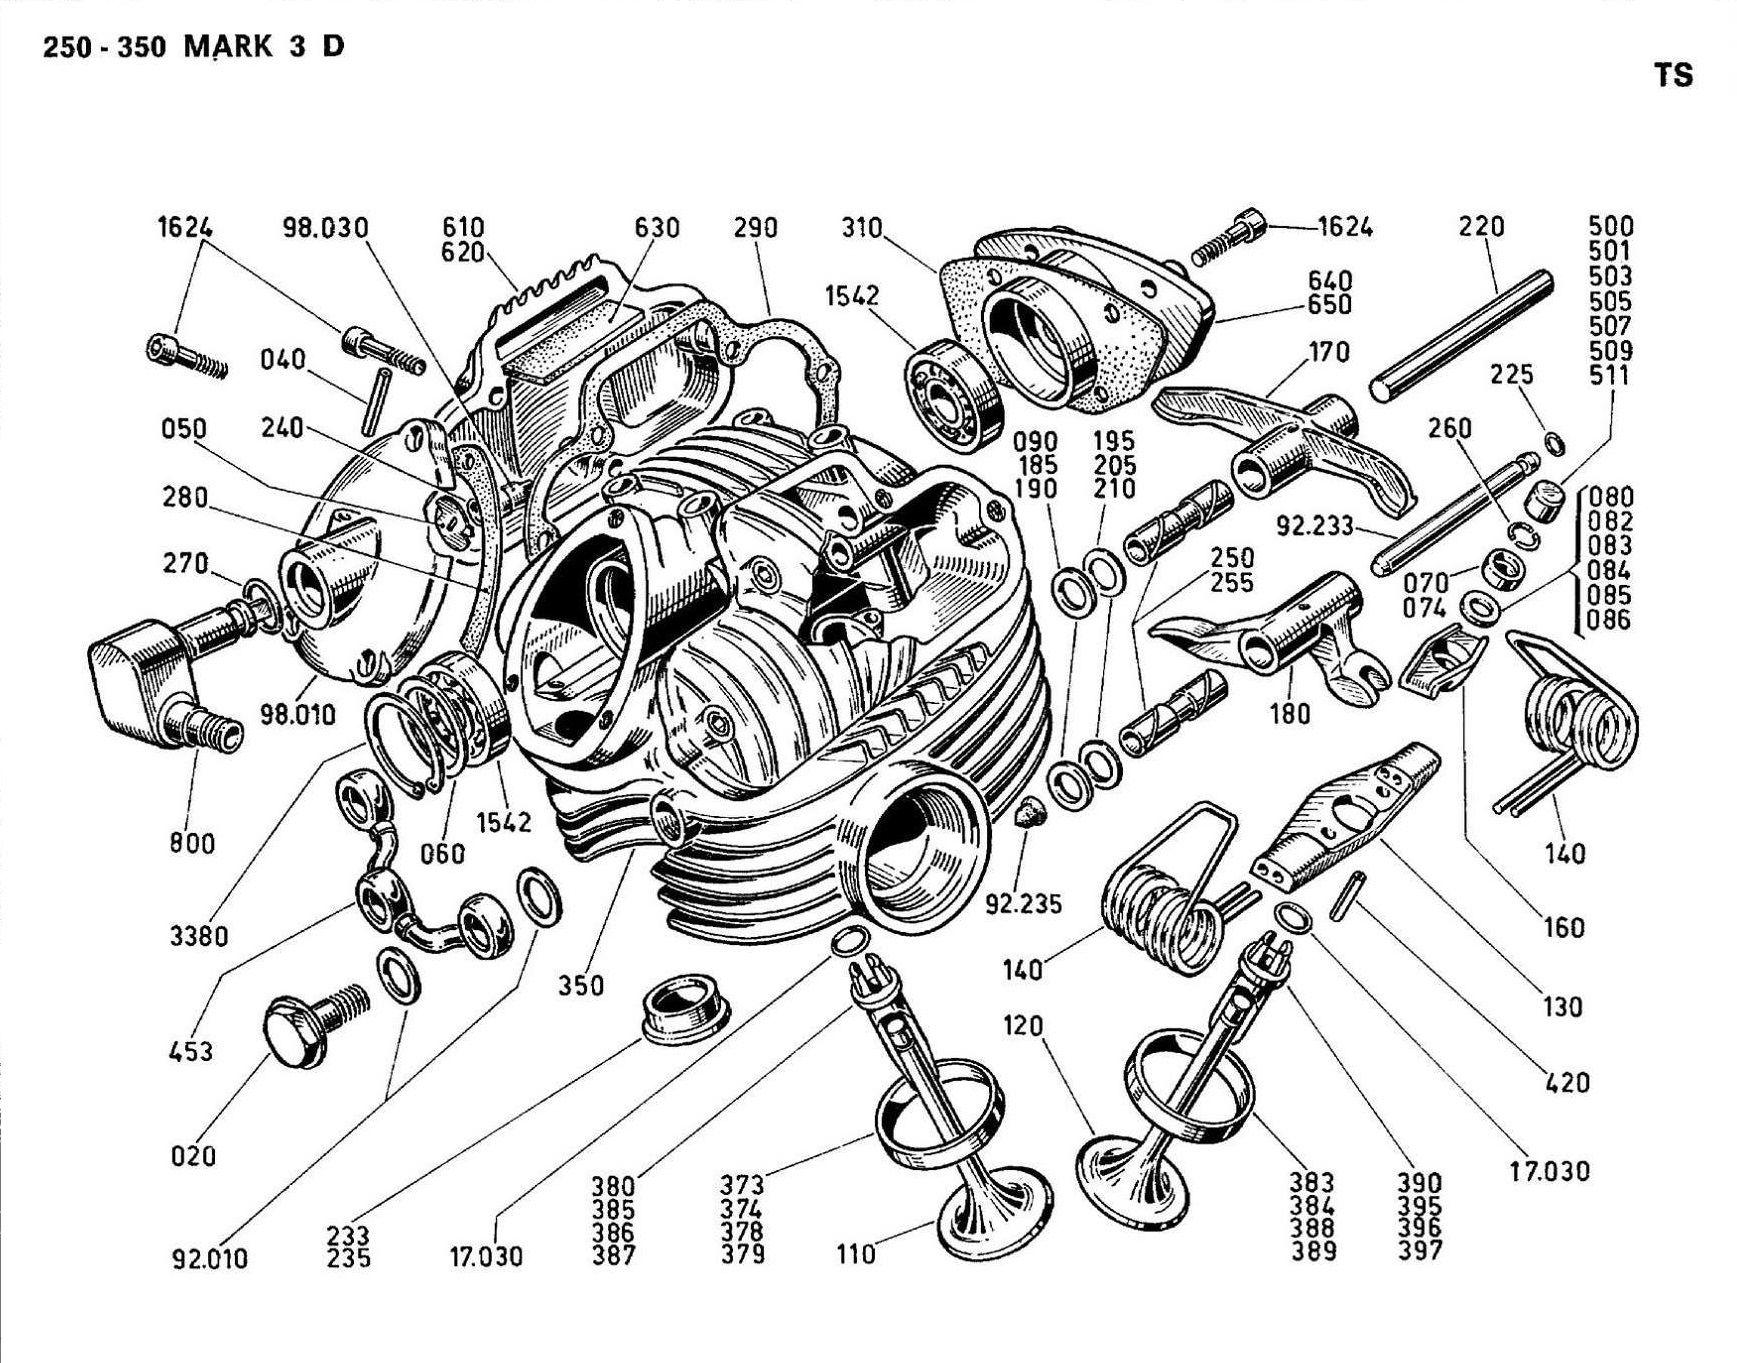 Ducati Single 250 350 Mark 3 Desmo Head